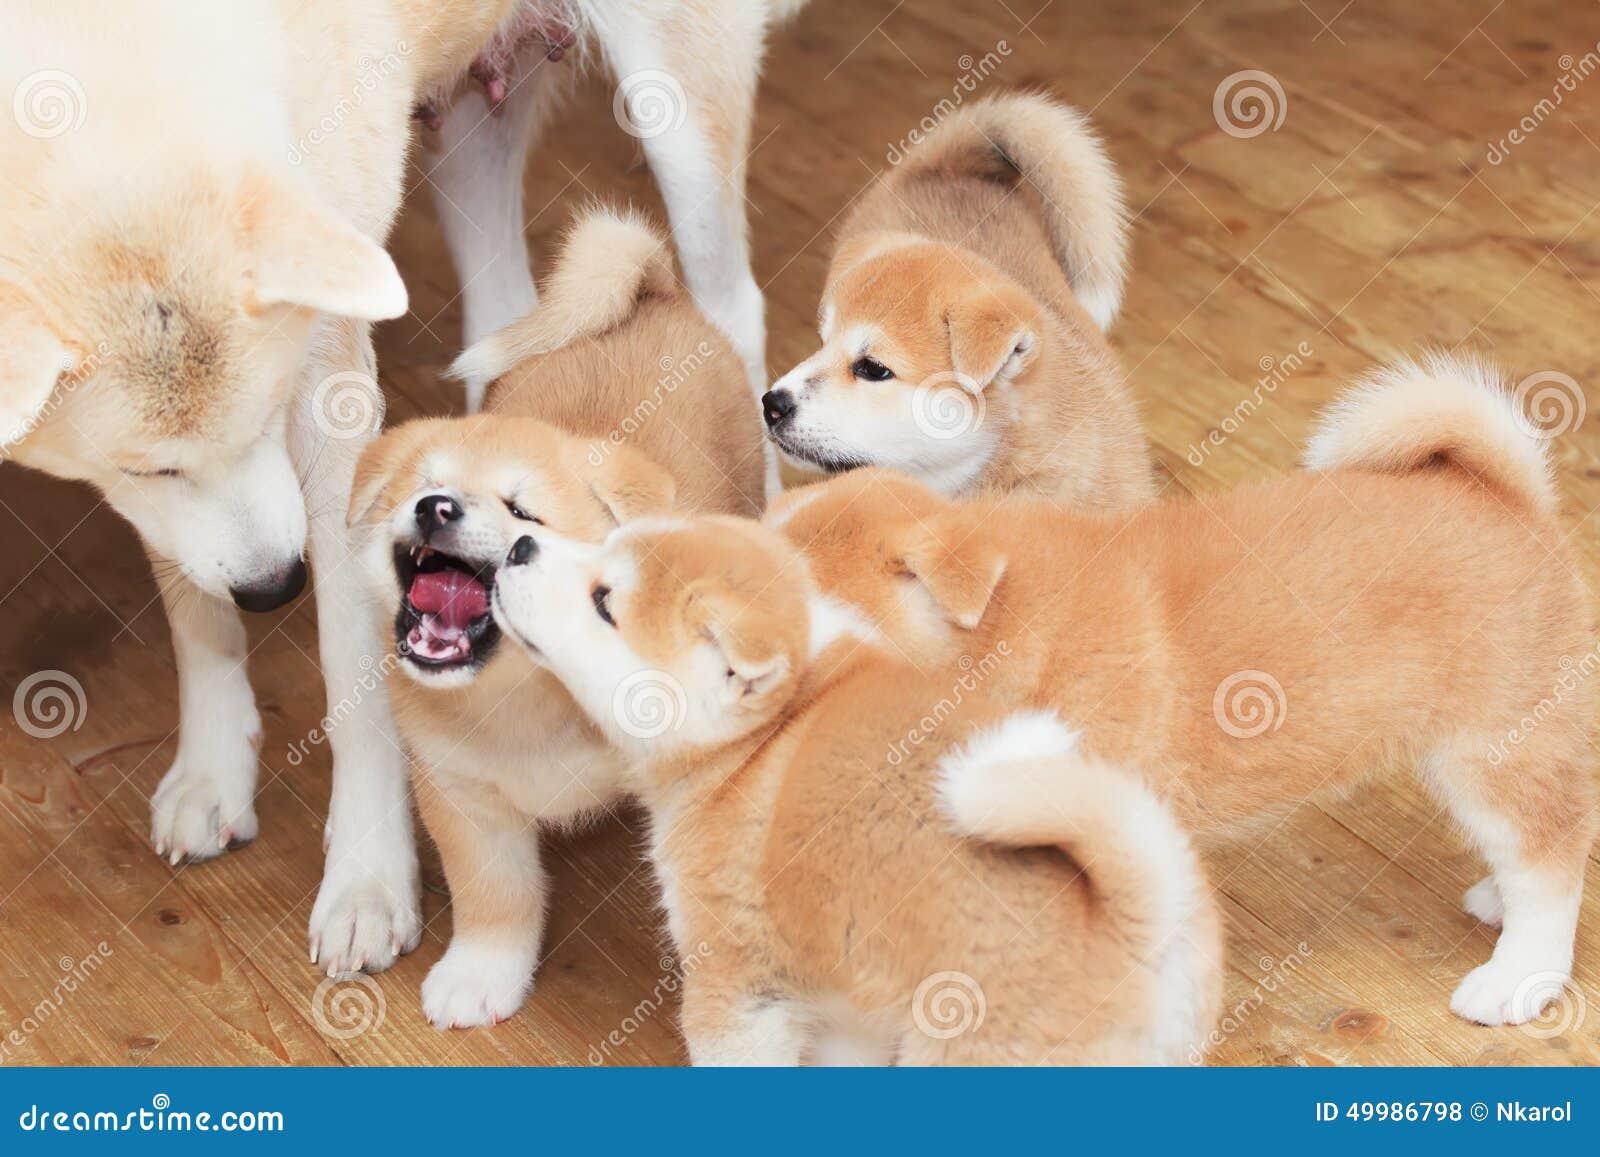 famille de chien de race d 39 akita inu de japonais photo stock image 49986798. Black Bedroom Furniture Sets. Home Design Ideas